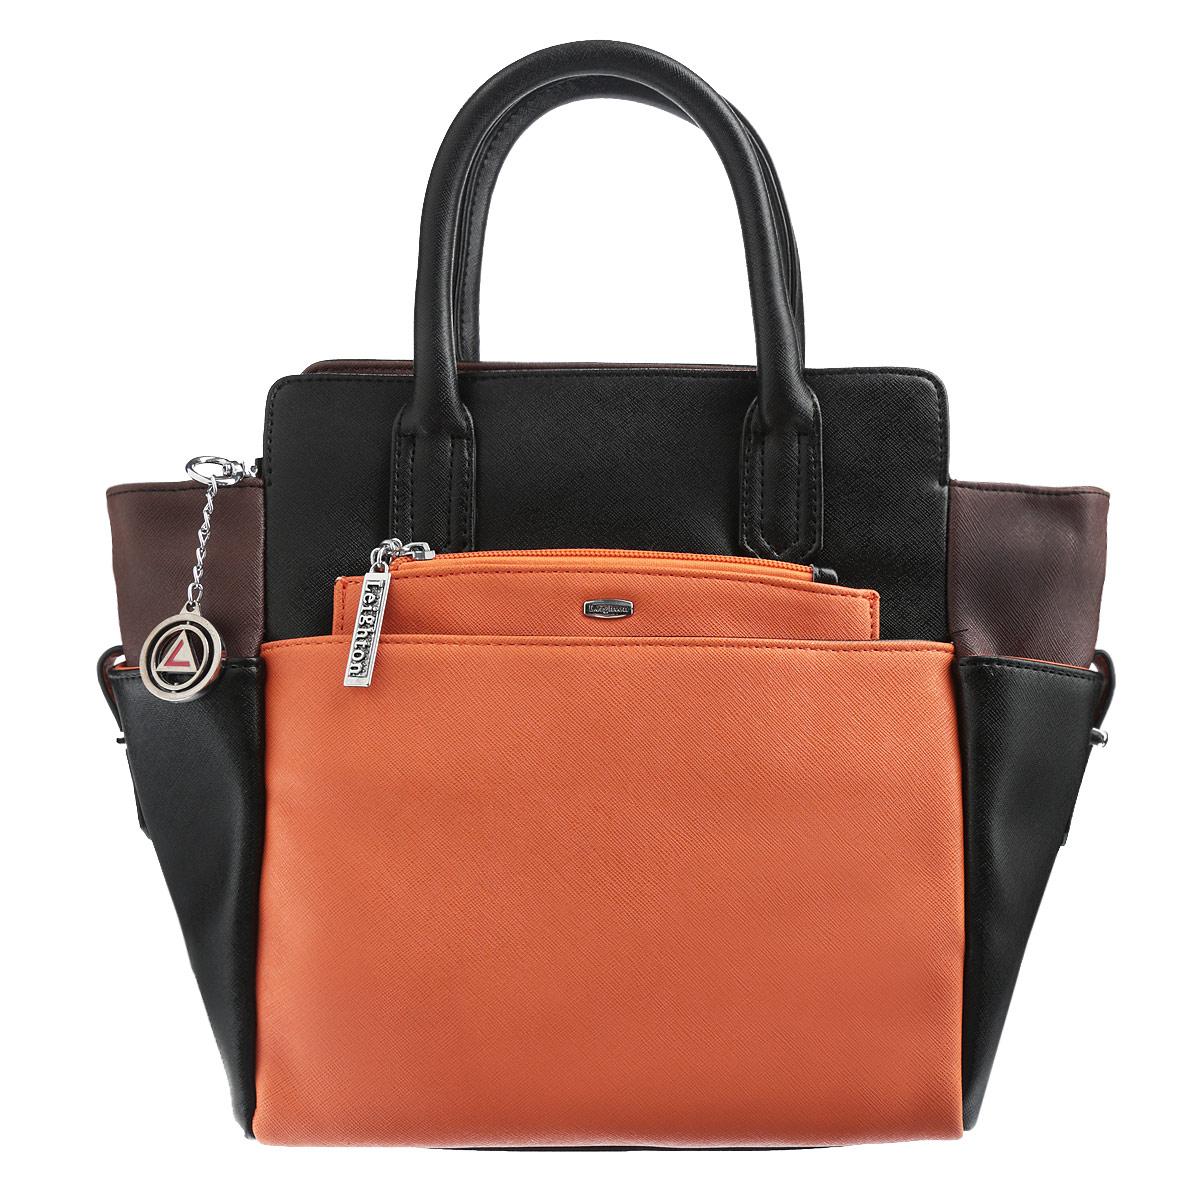 Сумка женская Leighton, цвет: черный, темно-коричневый, оранжевый. 570382-3769/1/3769/7/3769KV996OPY/MСтильная женская сумка Leighton изготовлена из высококачественной искусственной кожи. Сумка состоит из одного большого отделения. Внутри расположены два накладных кармашка для мелочей, один вшитый карман на застежке-молнии и смежный карман на застежке-молнии. Тыльная и фронтальная стороны сумки дополнены карманами на магнитных кнопках. Также сумка дополнена съемным карманом-портмоне на цепочке, который надежно закрепляется на магнитной кнопке в одном из карманов, но при необходимости может быть извлечен. На внутренней части сумки находятся два прорезных кармана на застежке-молнии, расположенные выше основного отделения. Боковые стороны сумки также оснащены небольшими карманами на ремешках.Сумка имеет удобные ручки для переноски и плечевой ремень с регулируемой длиной. Дно защищено четырьмя металлическими ножками, обеспечивающими необходимую устойчивость. Сумка Leighton - это практичный и удобный аксессуар, который станет функциональным дополнением к любому стилю. Блестящий дизайн сумки, сочетающий классические формы с оригинальным оформлением, позволит вам подчеркнуть свою индивидуальность и сделает ваш образ изысканным и завершенным.